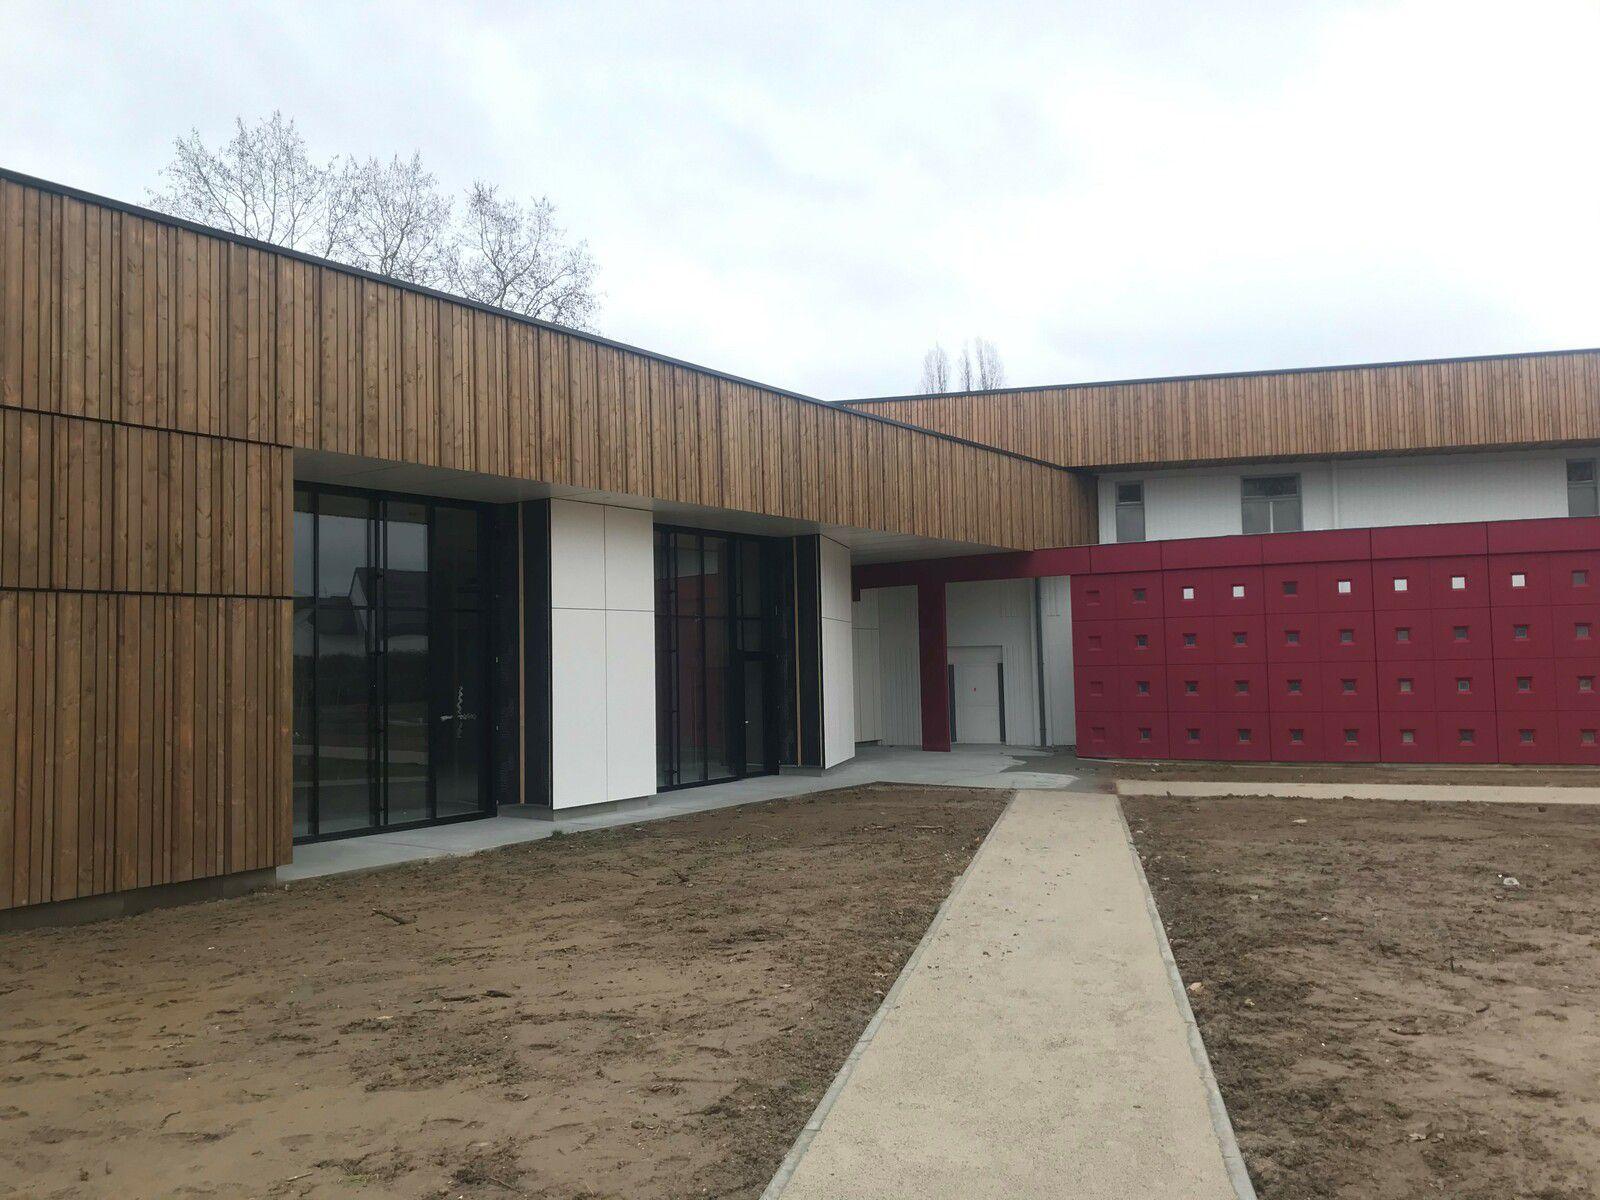 Visite de chantier de la nouvelle maison de quartier de La Madeleine